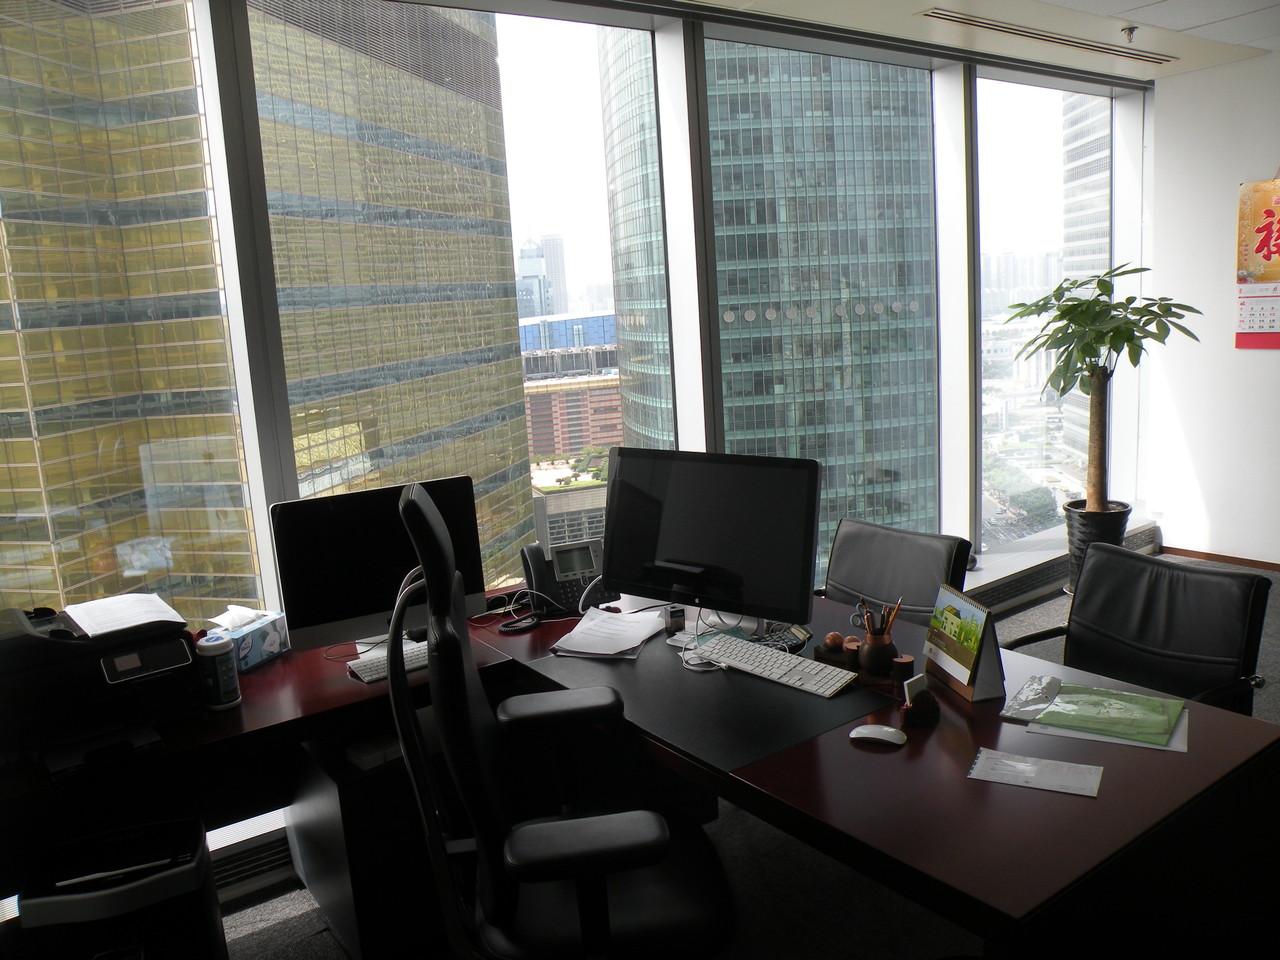 KHG Office Shanghai